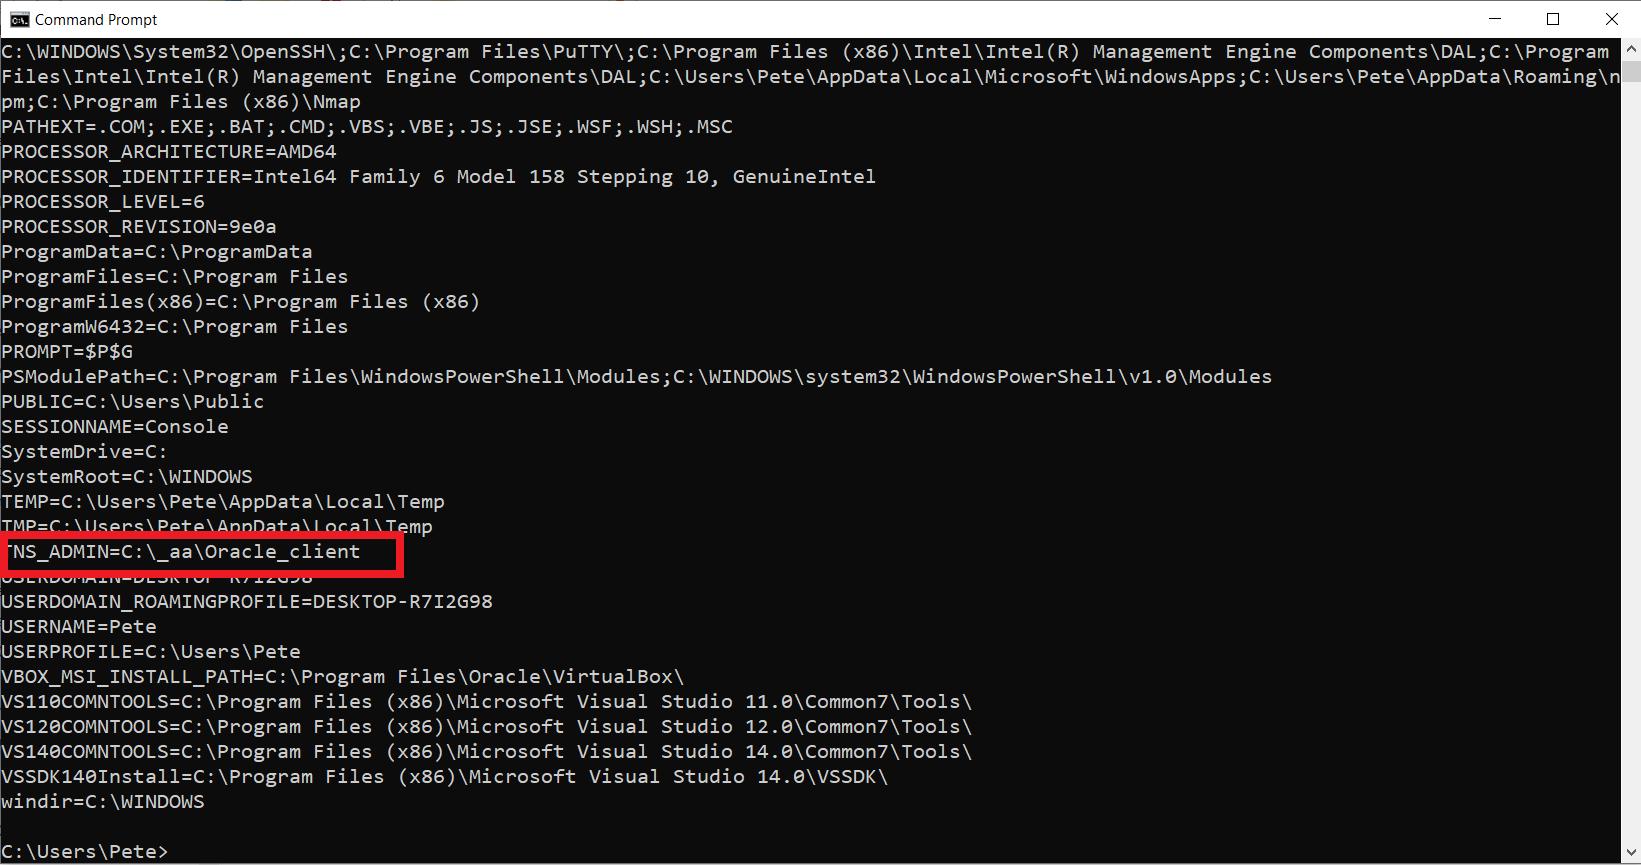 TNS_ADMIN environment variable